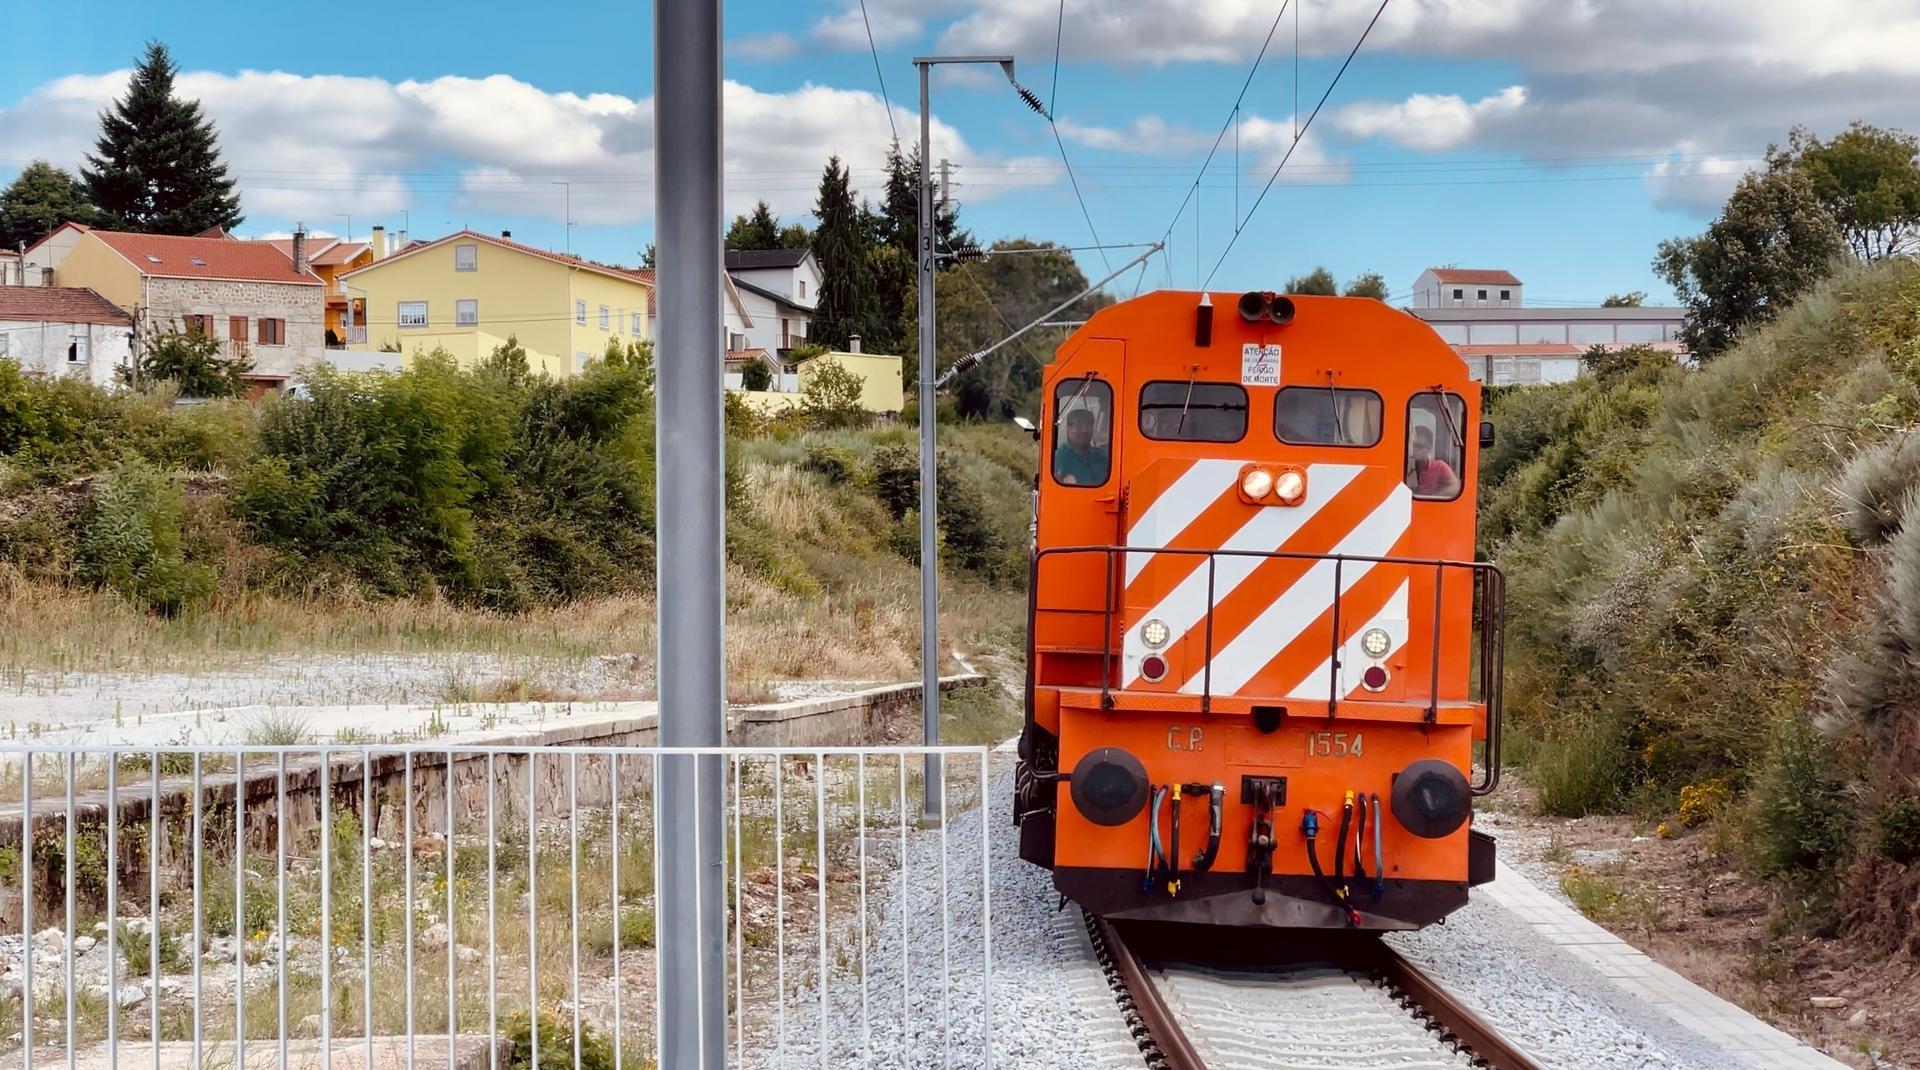 O regresso do comboio à Linha da Beira Baixa Covilhã/Guarda